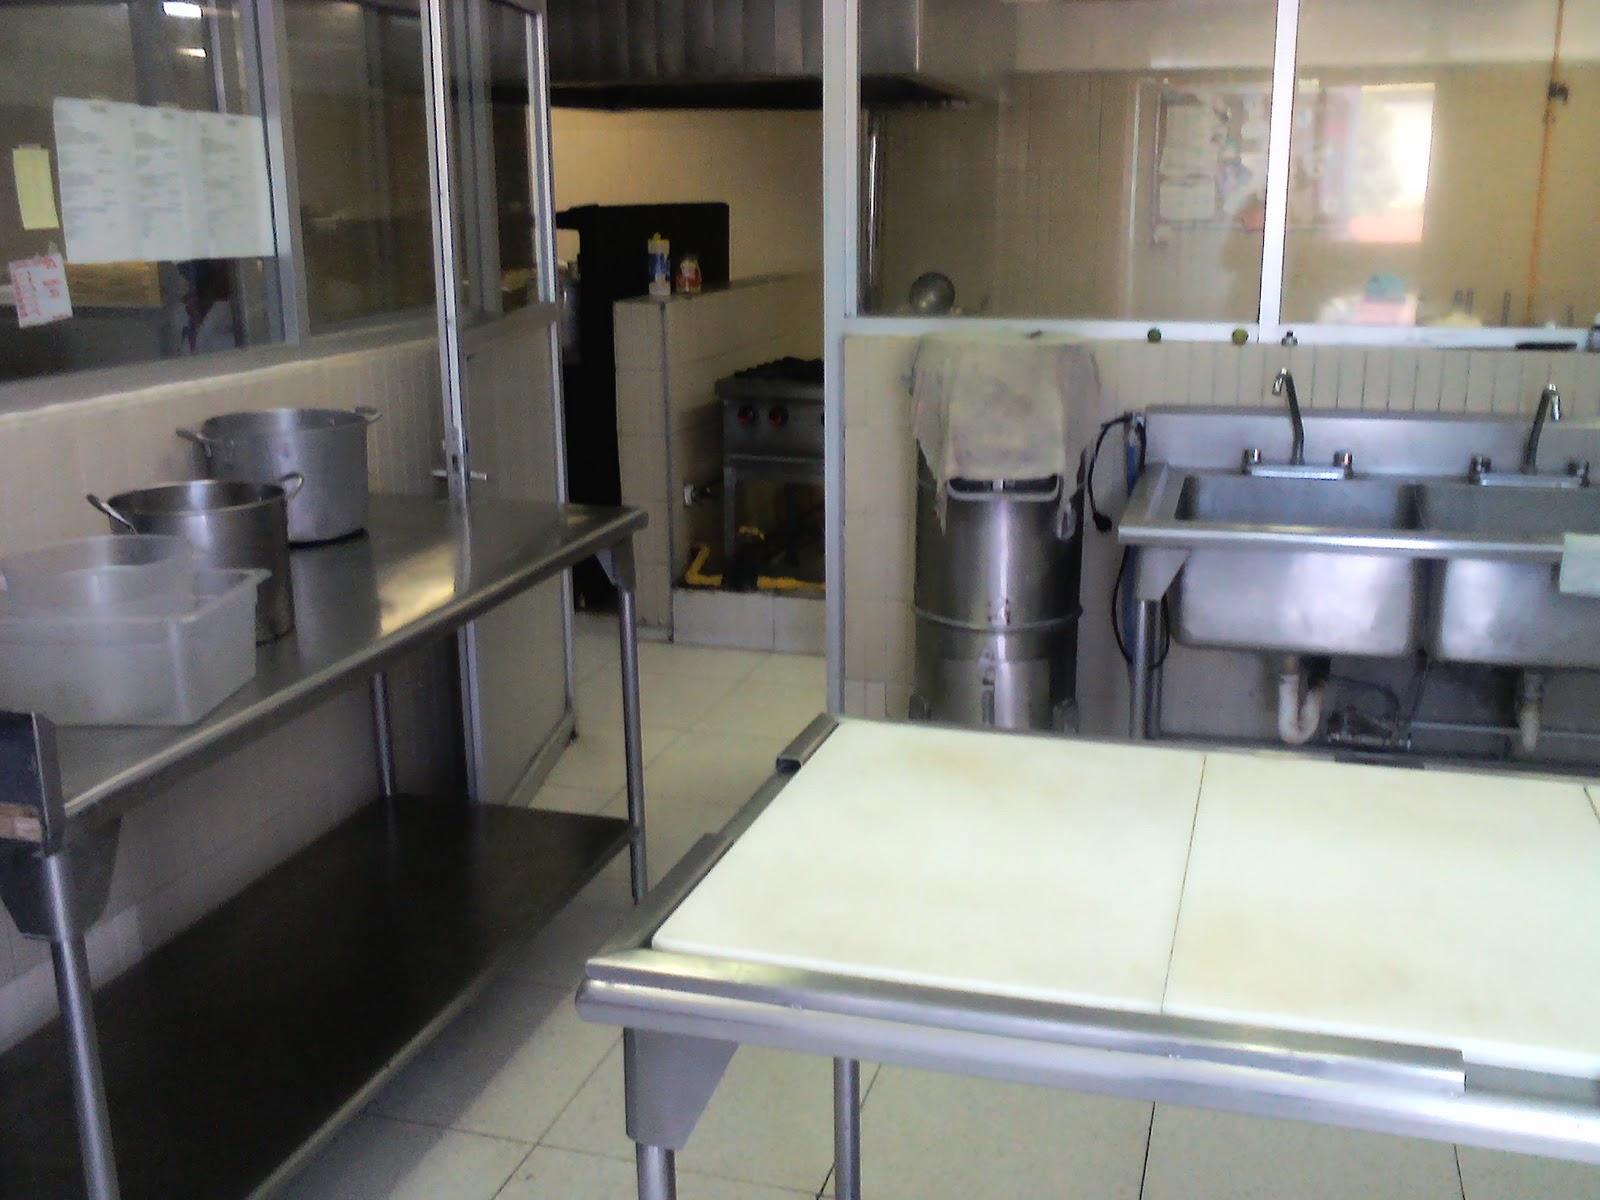 Comedor hgz 2 reas del comedor for Mision comedor industrial